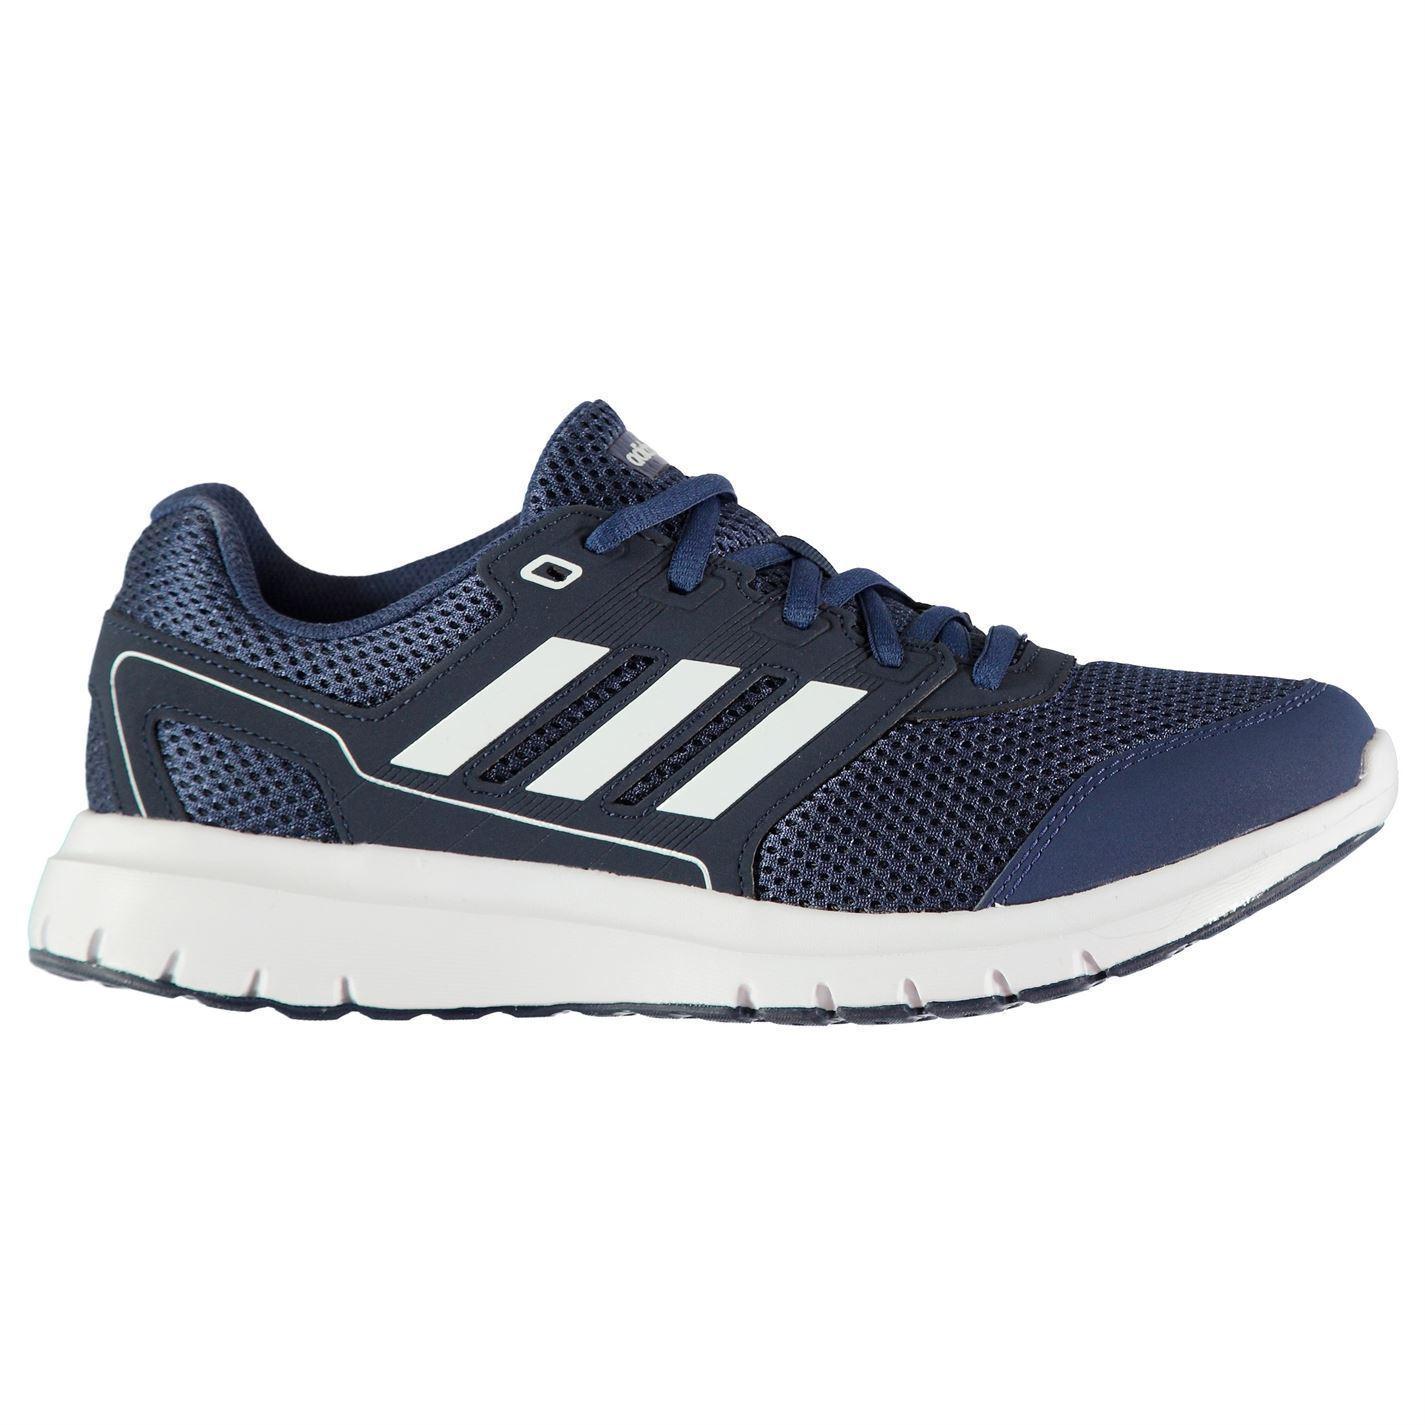 fino al 65% di sconto Adidas Duramo Lite 2 Fitness Training